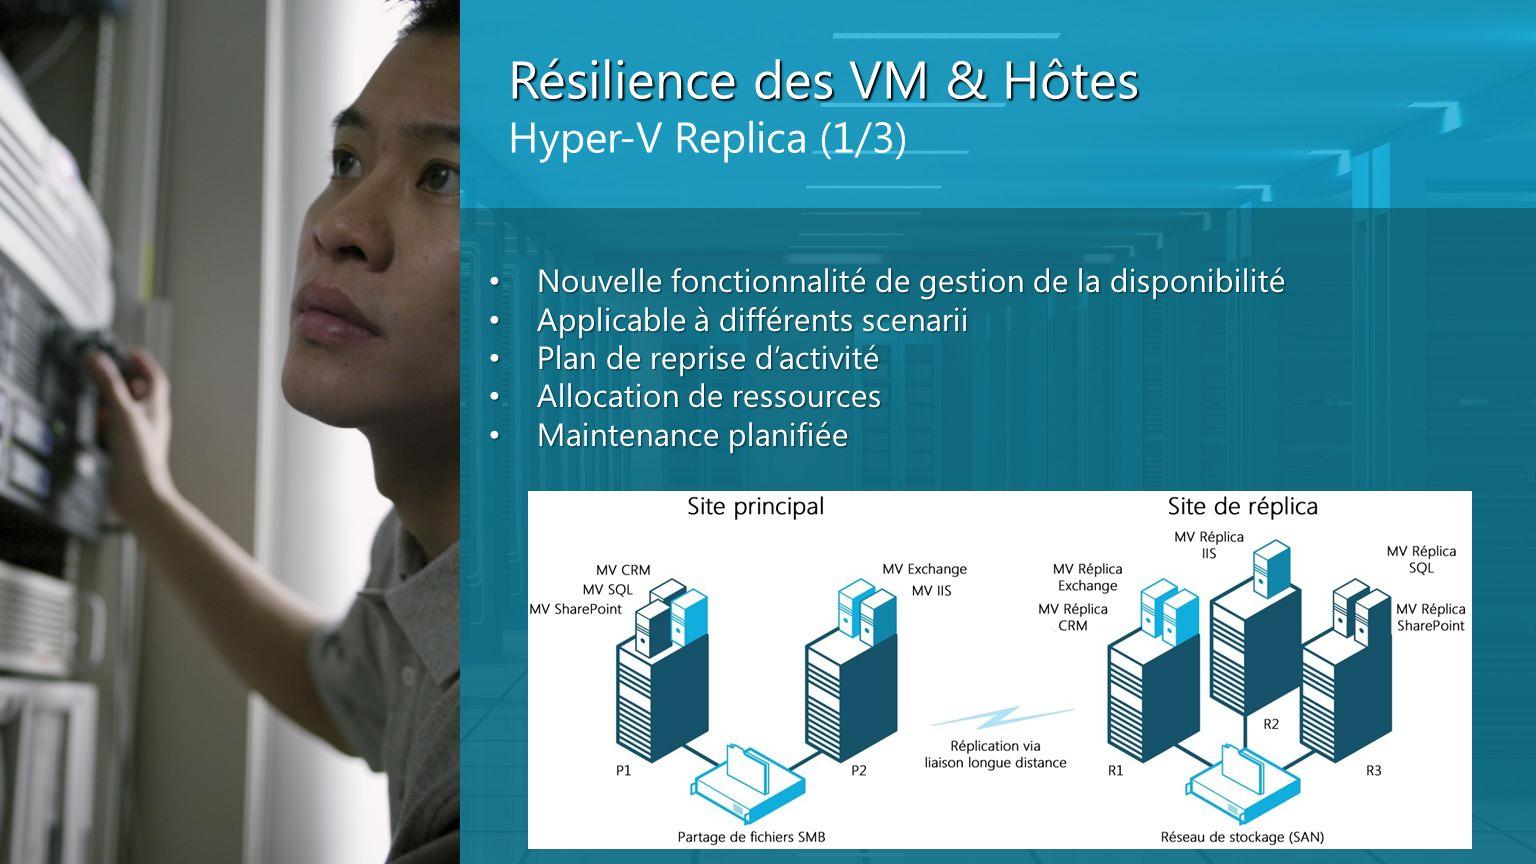 Résilience des VM & Hôtes Hyper-V Replica (1/3) Nouvelle fonctionnalité de gestion de la disponibilité Nouvelle fonctionnalité de gestion de la dispon